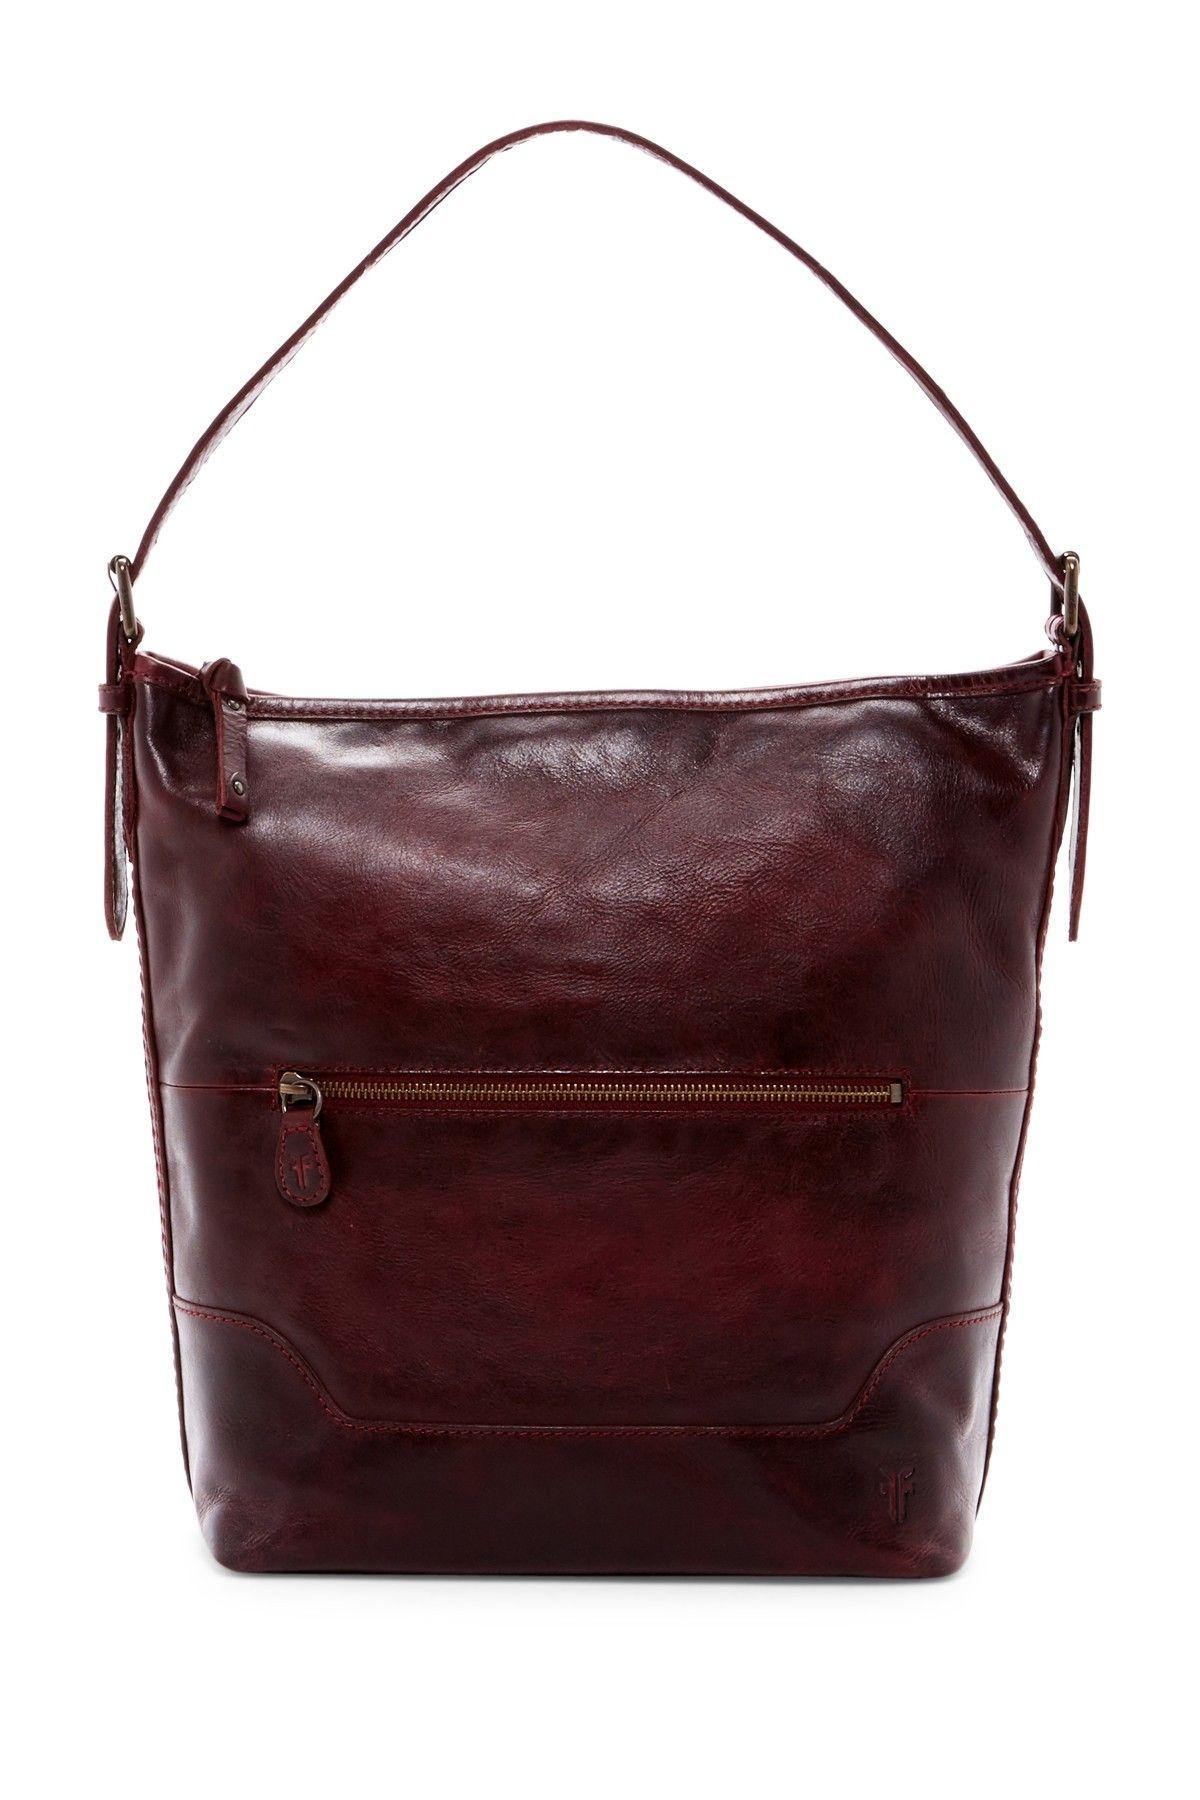 840921e6d9b407 Chanel Handbags Nordstrom Rack | Stanford Center for Opportunity ...